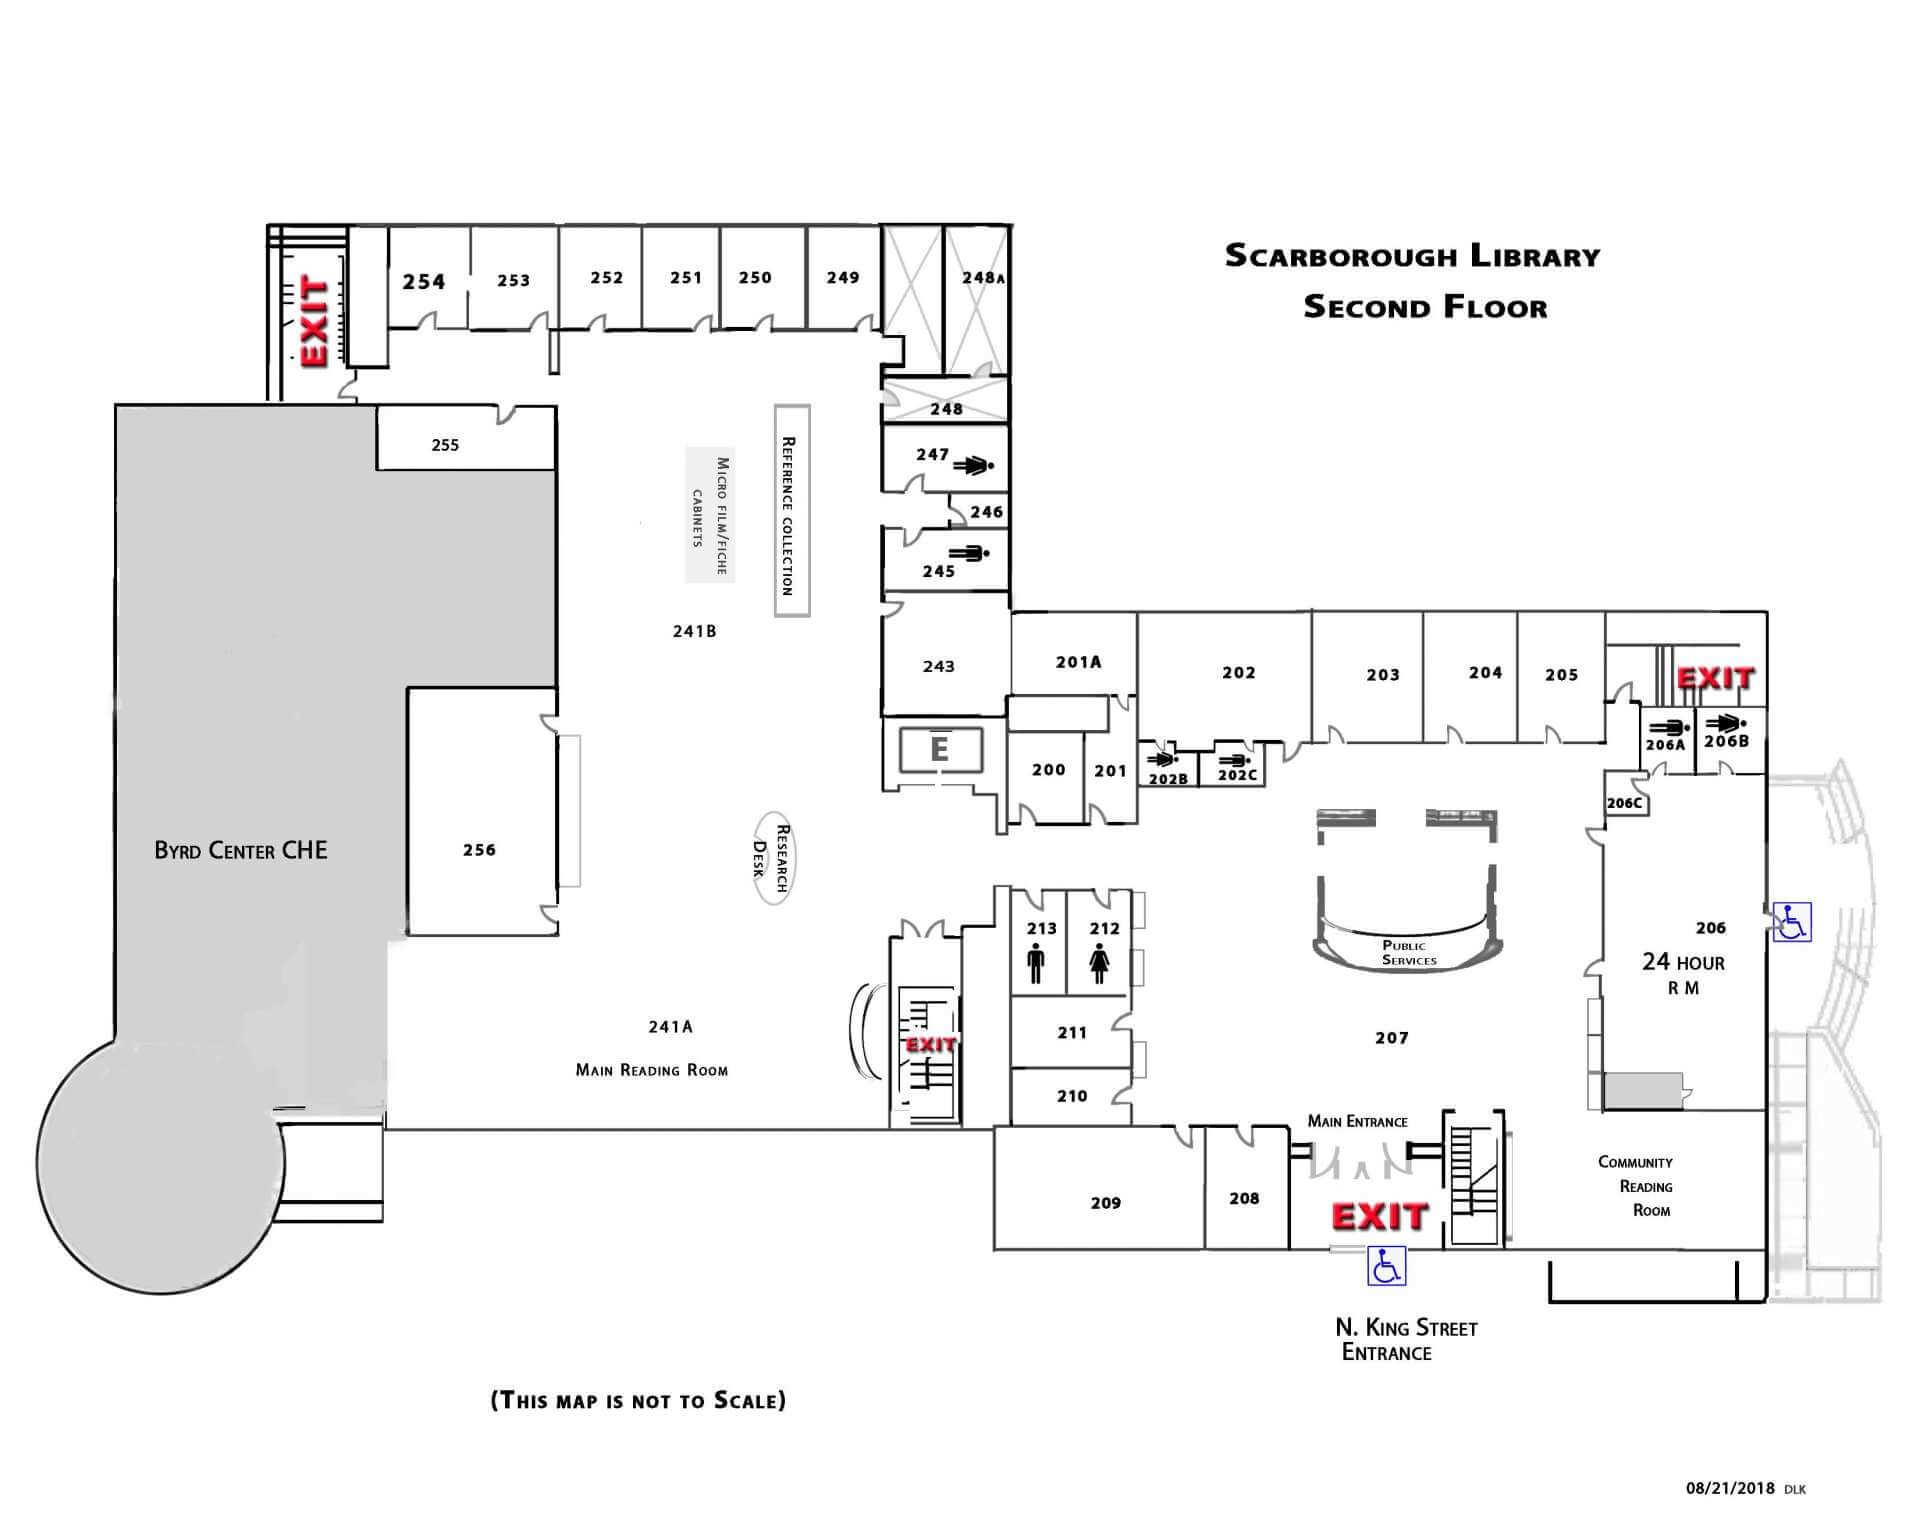 Shepherd University Directions And Floor Plans